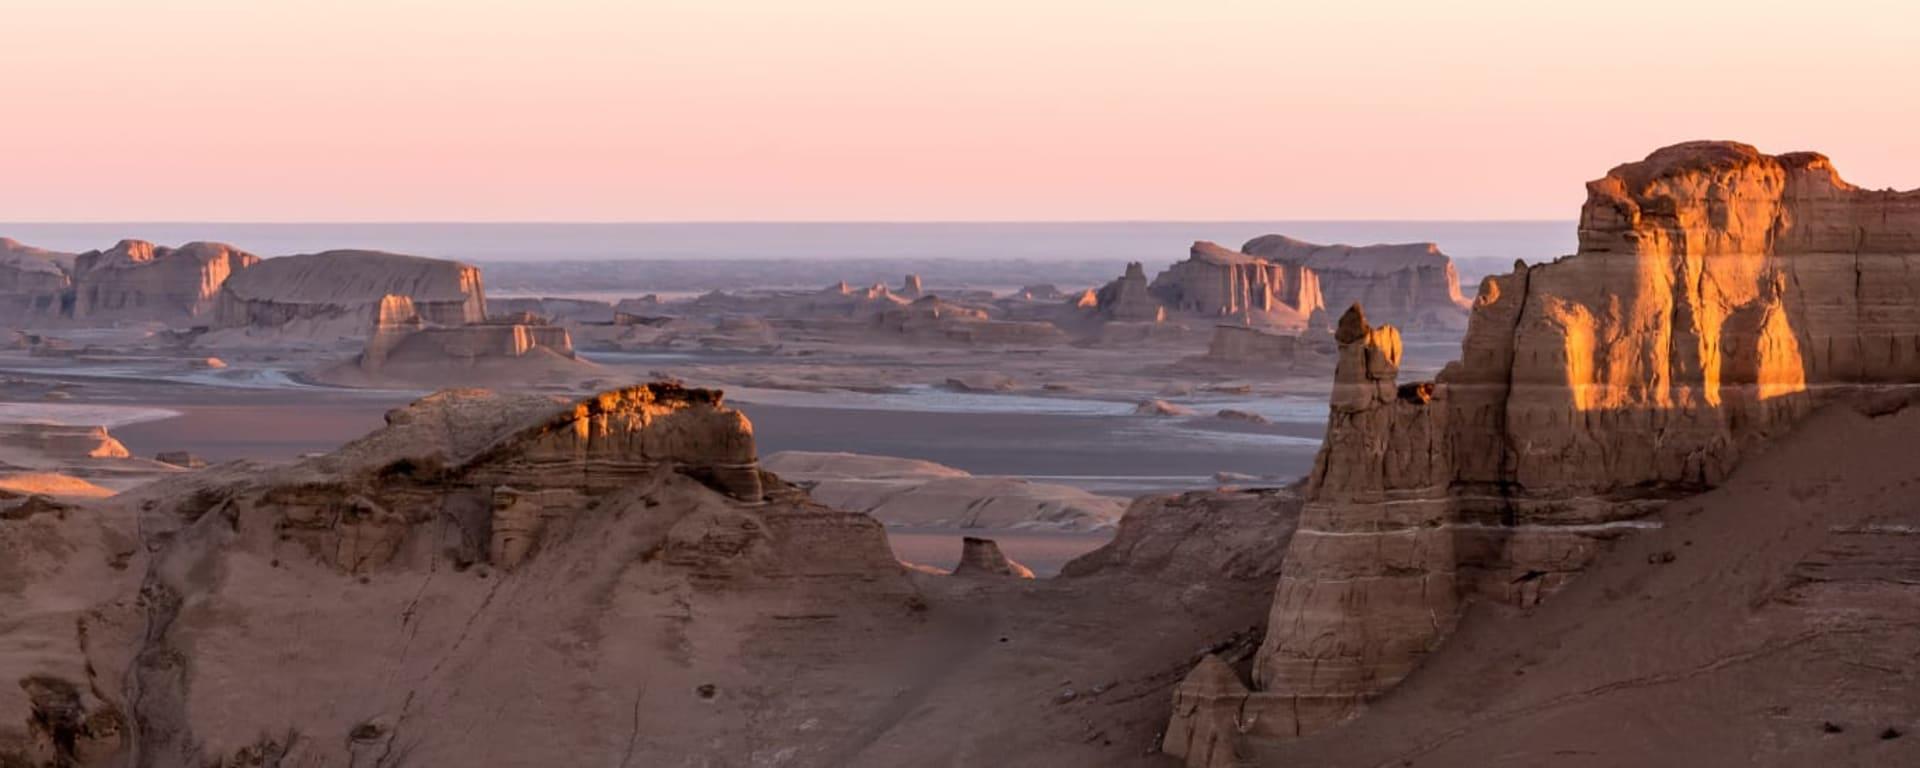 Iran entdecken mit Tischler Reisen: Iran Kaluts in der Dasht e Lut Wüste